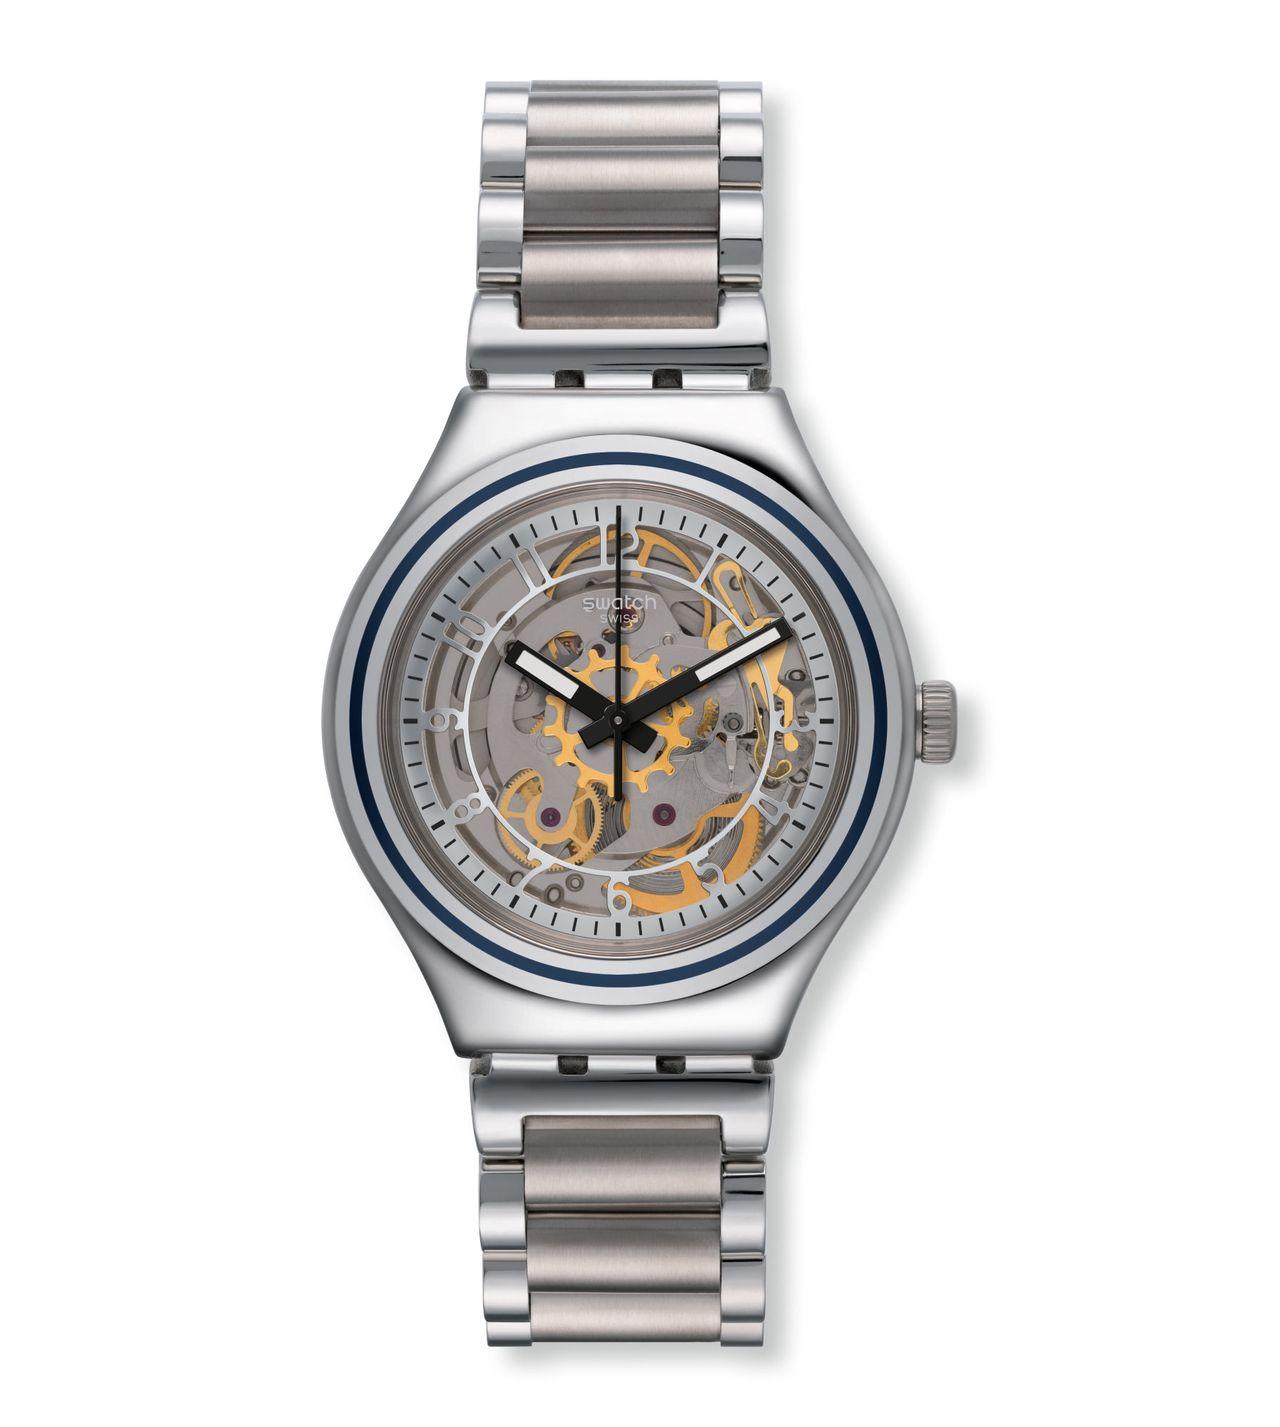 Swatch Irony Uncle Charly - ennyiért teljesen elfogadható csontvázasított óra